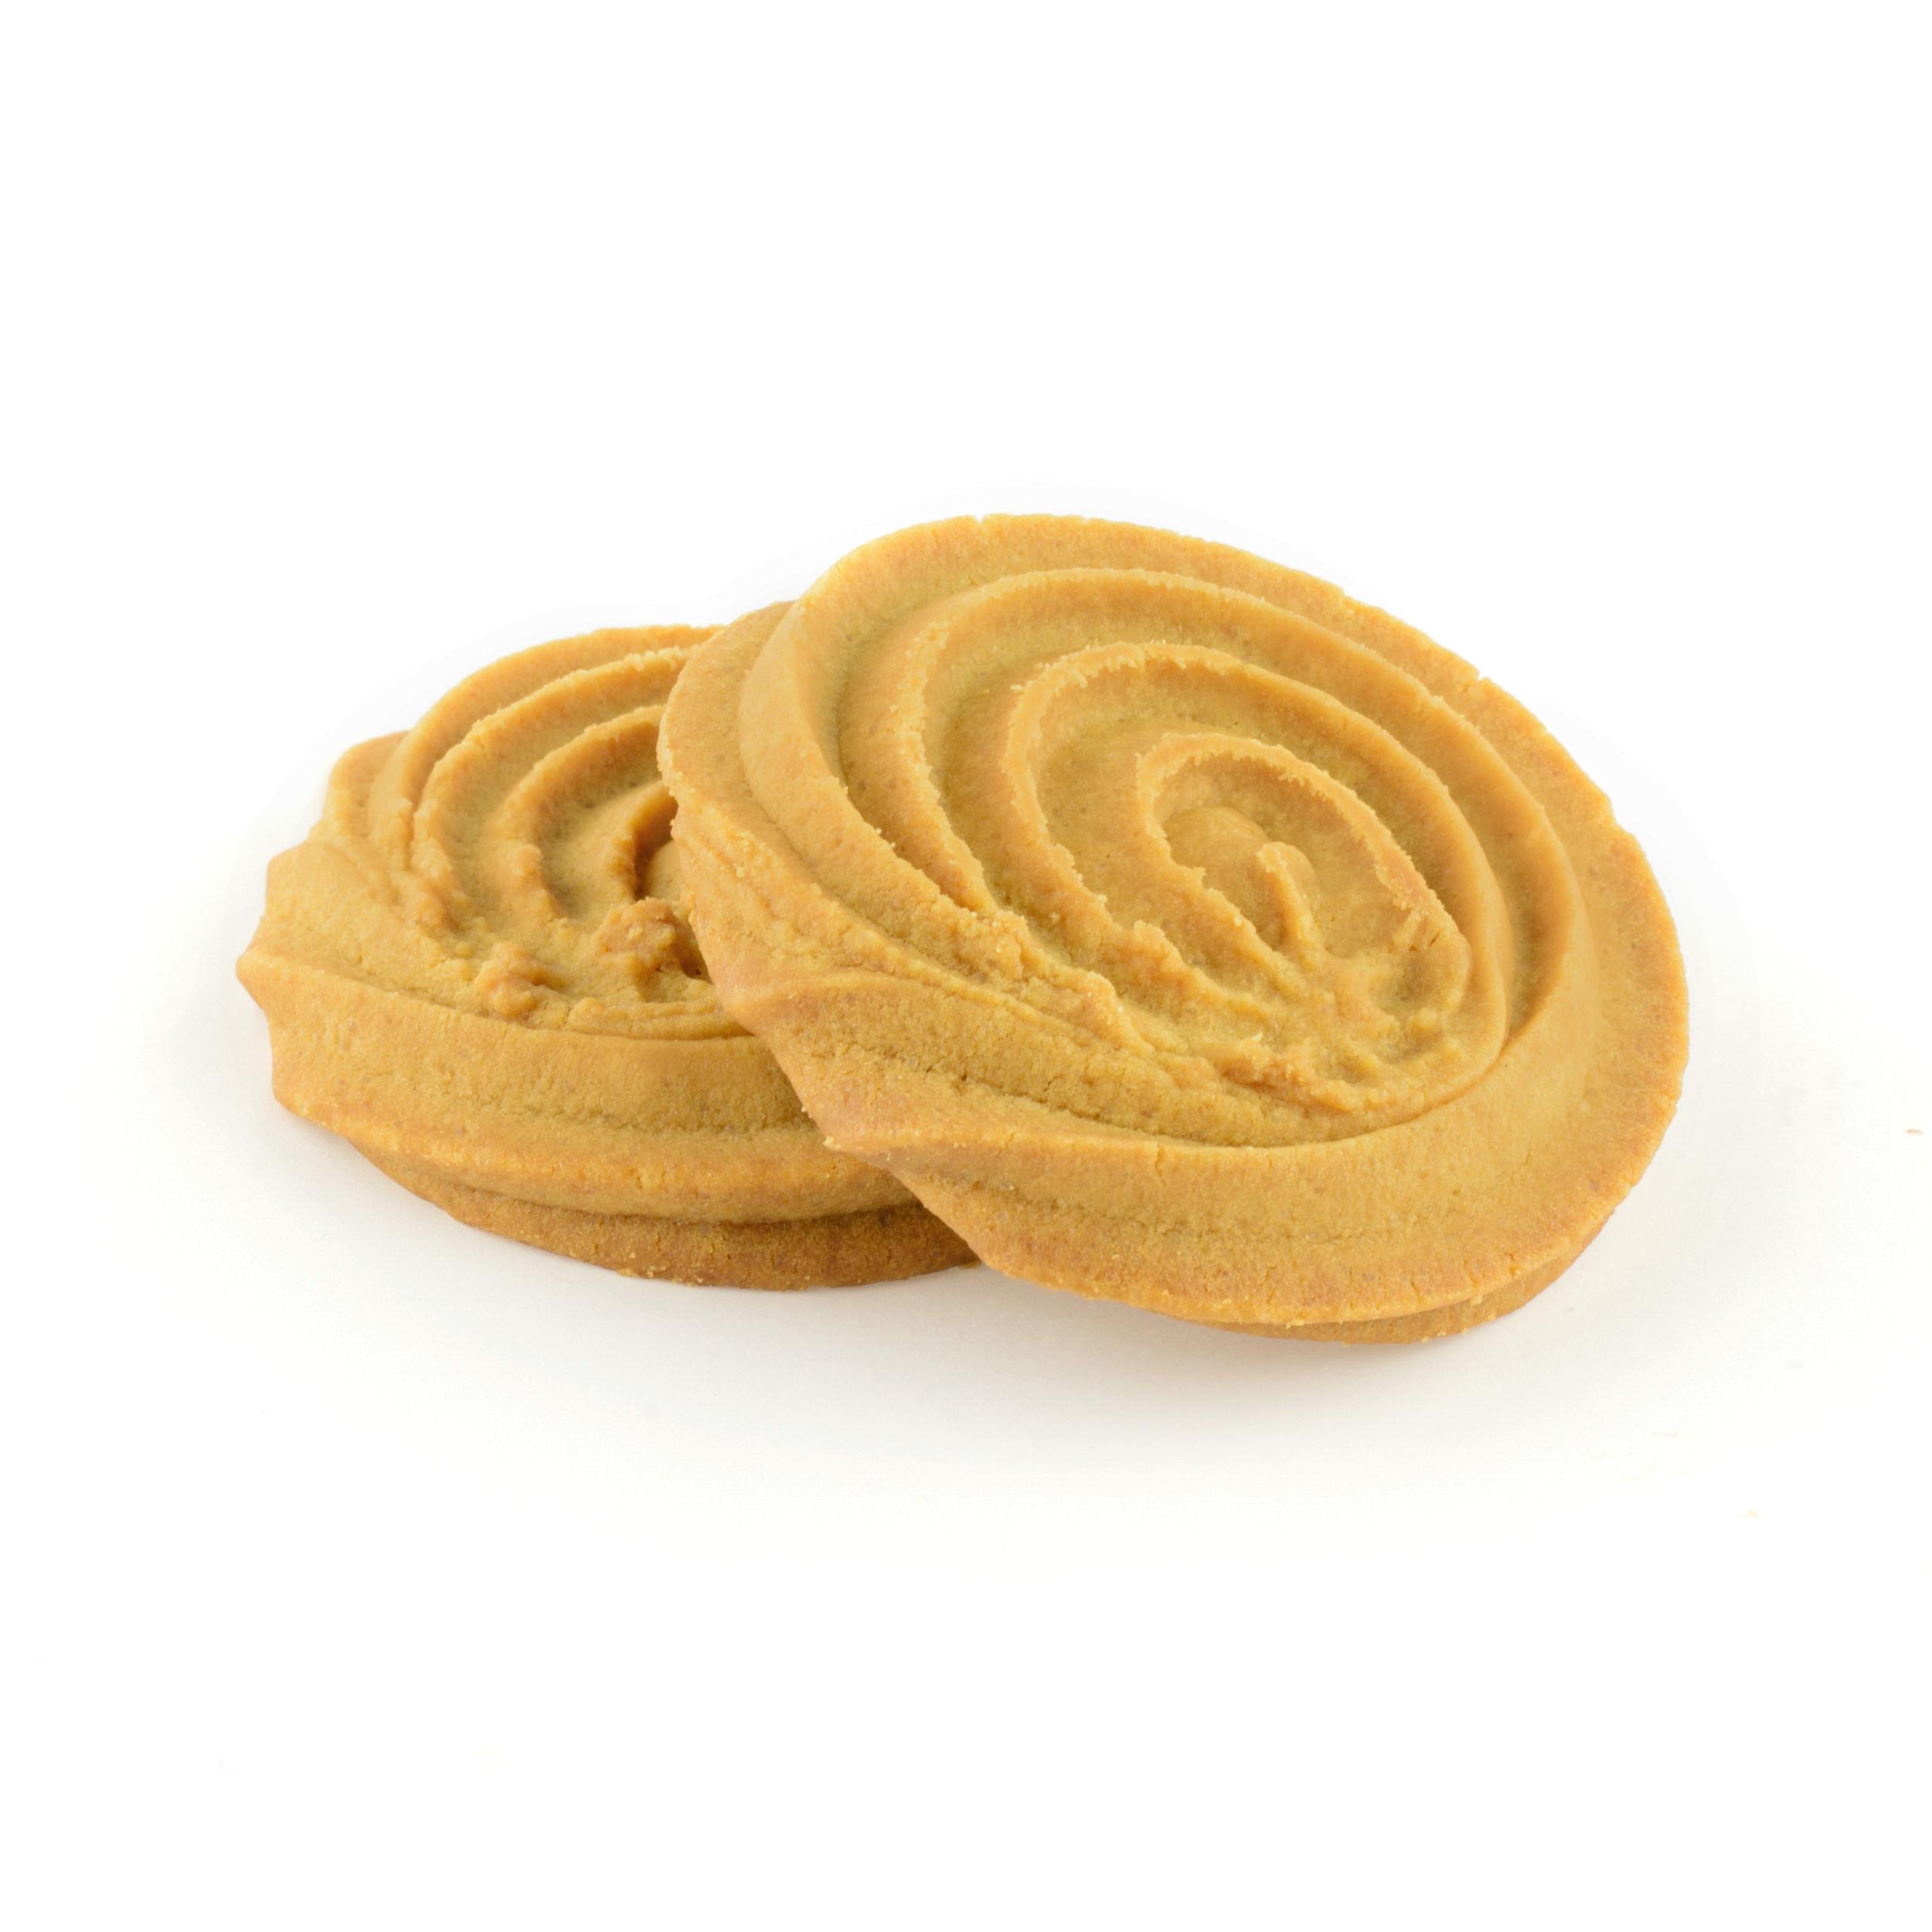 Shortcake_Biscuit_round_45